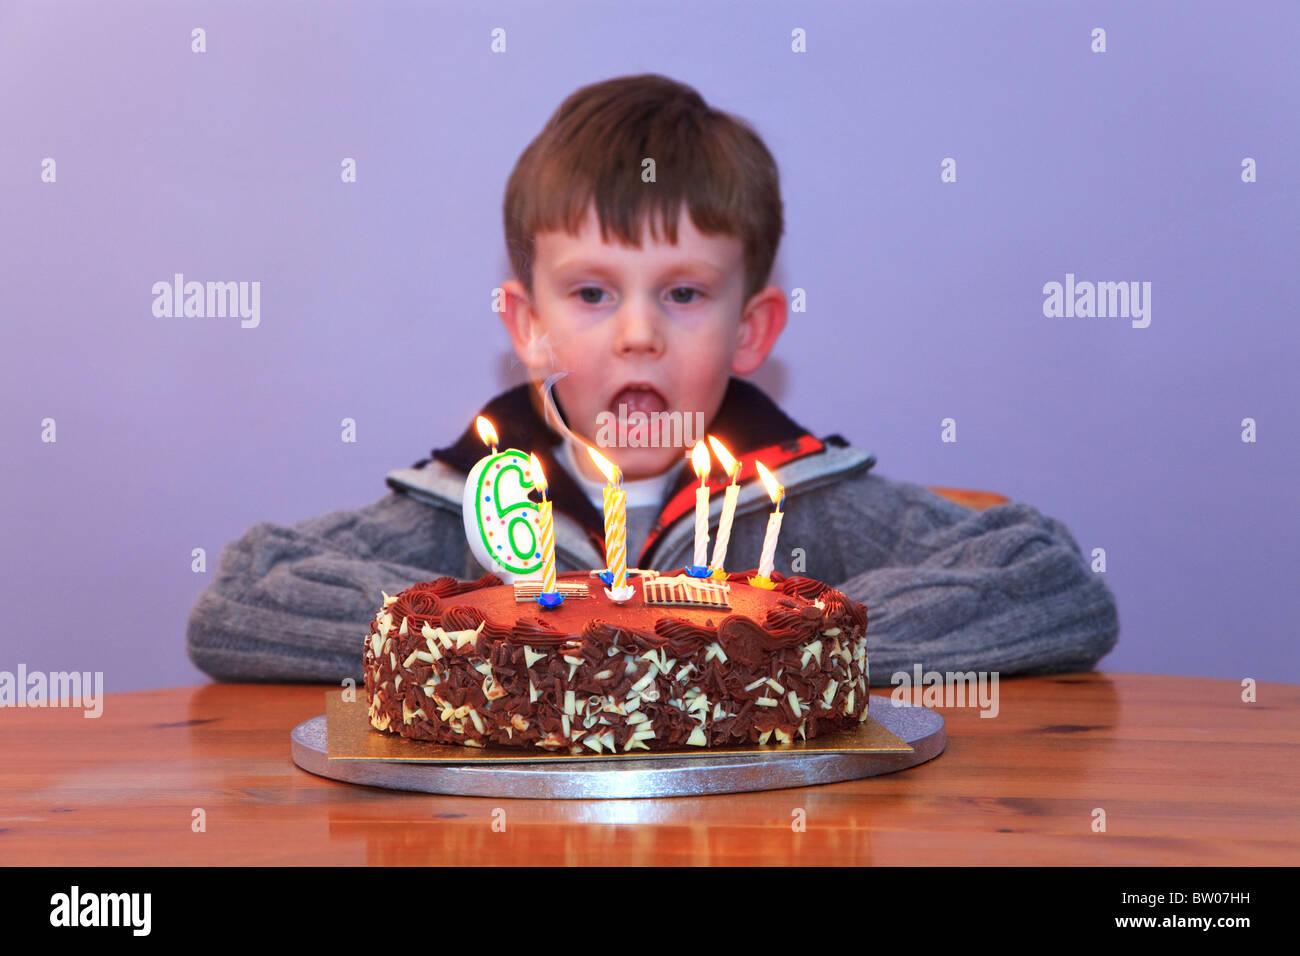 Un niño de 6 años mirando las velas de su pastel de cumpleaños Imagen De Stock